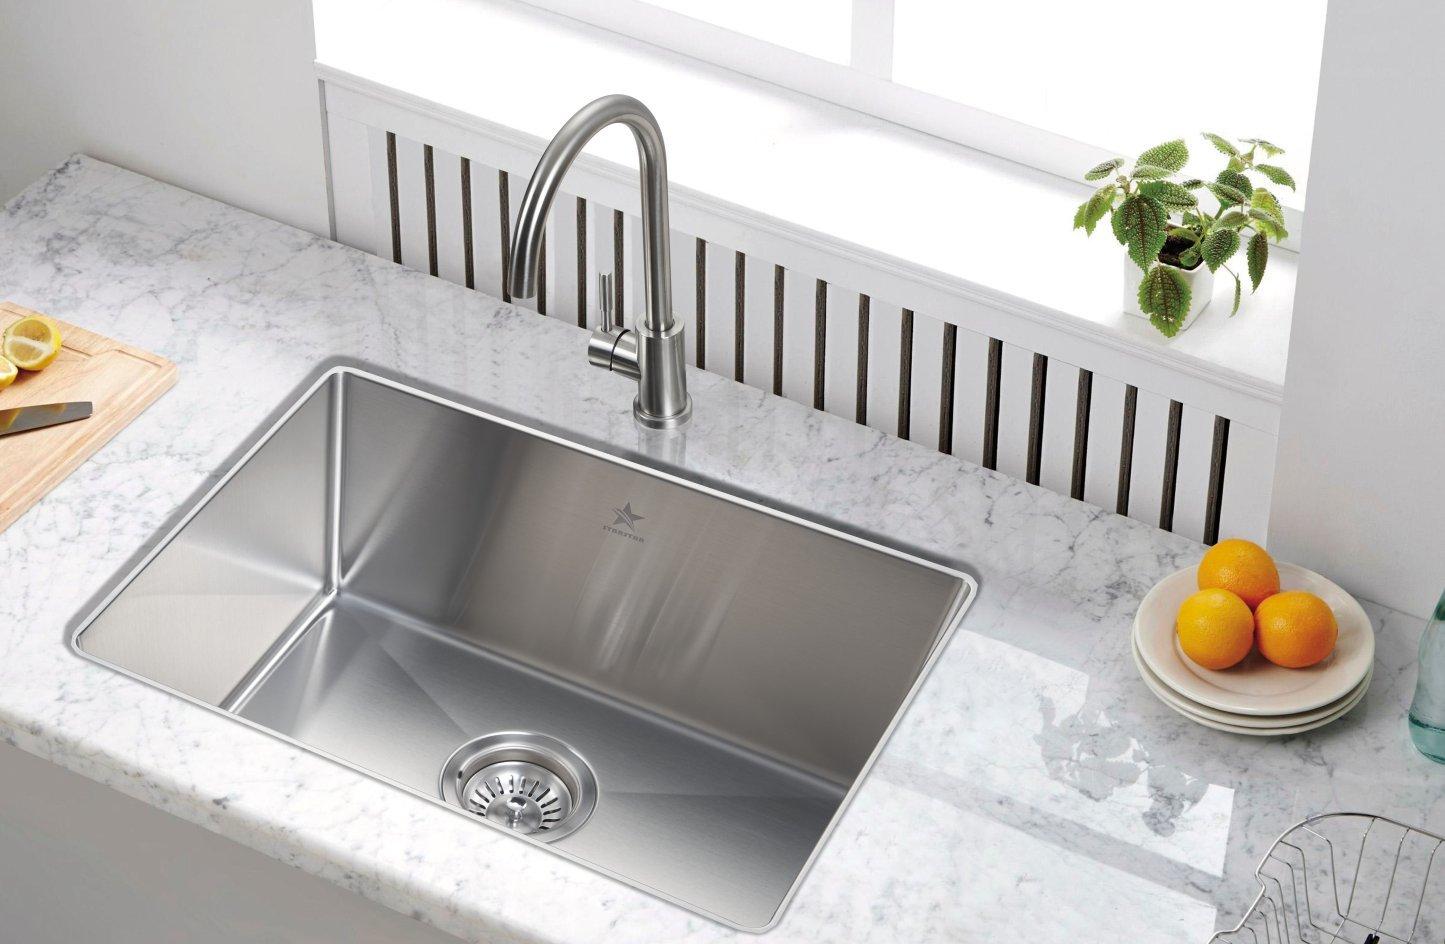 Starstar 20 Undermount Kitchen Bar 304 Stainless Steel Sink